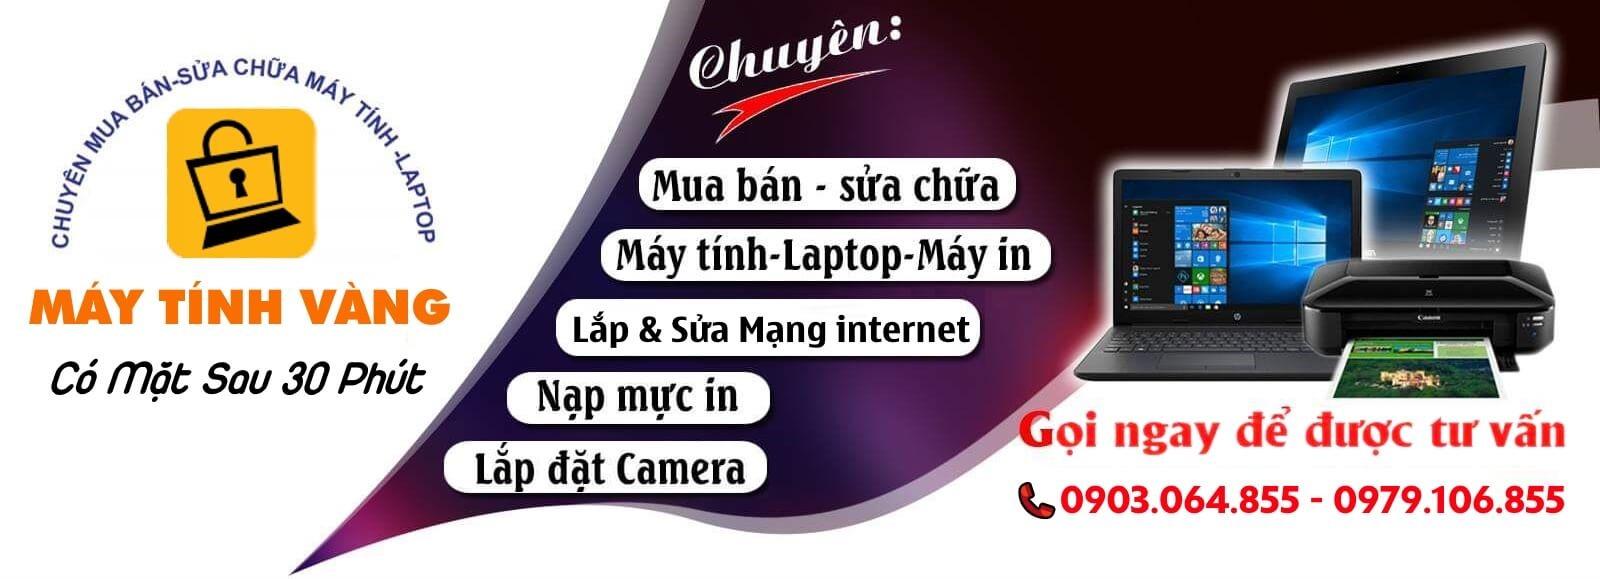 Máy Tính Vàng tự hào là đơn vị cung cấp dịch vụ sửa laptop quận Tân Bình tại nhà số 1 hiện nay